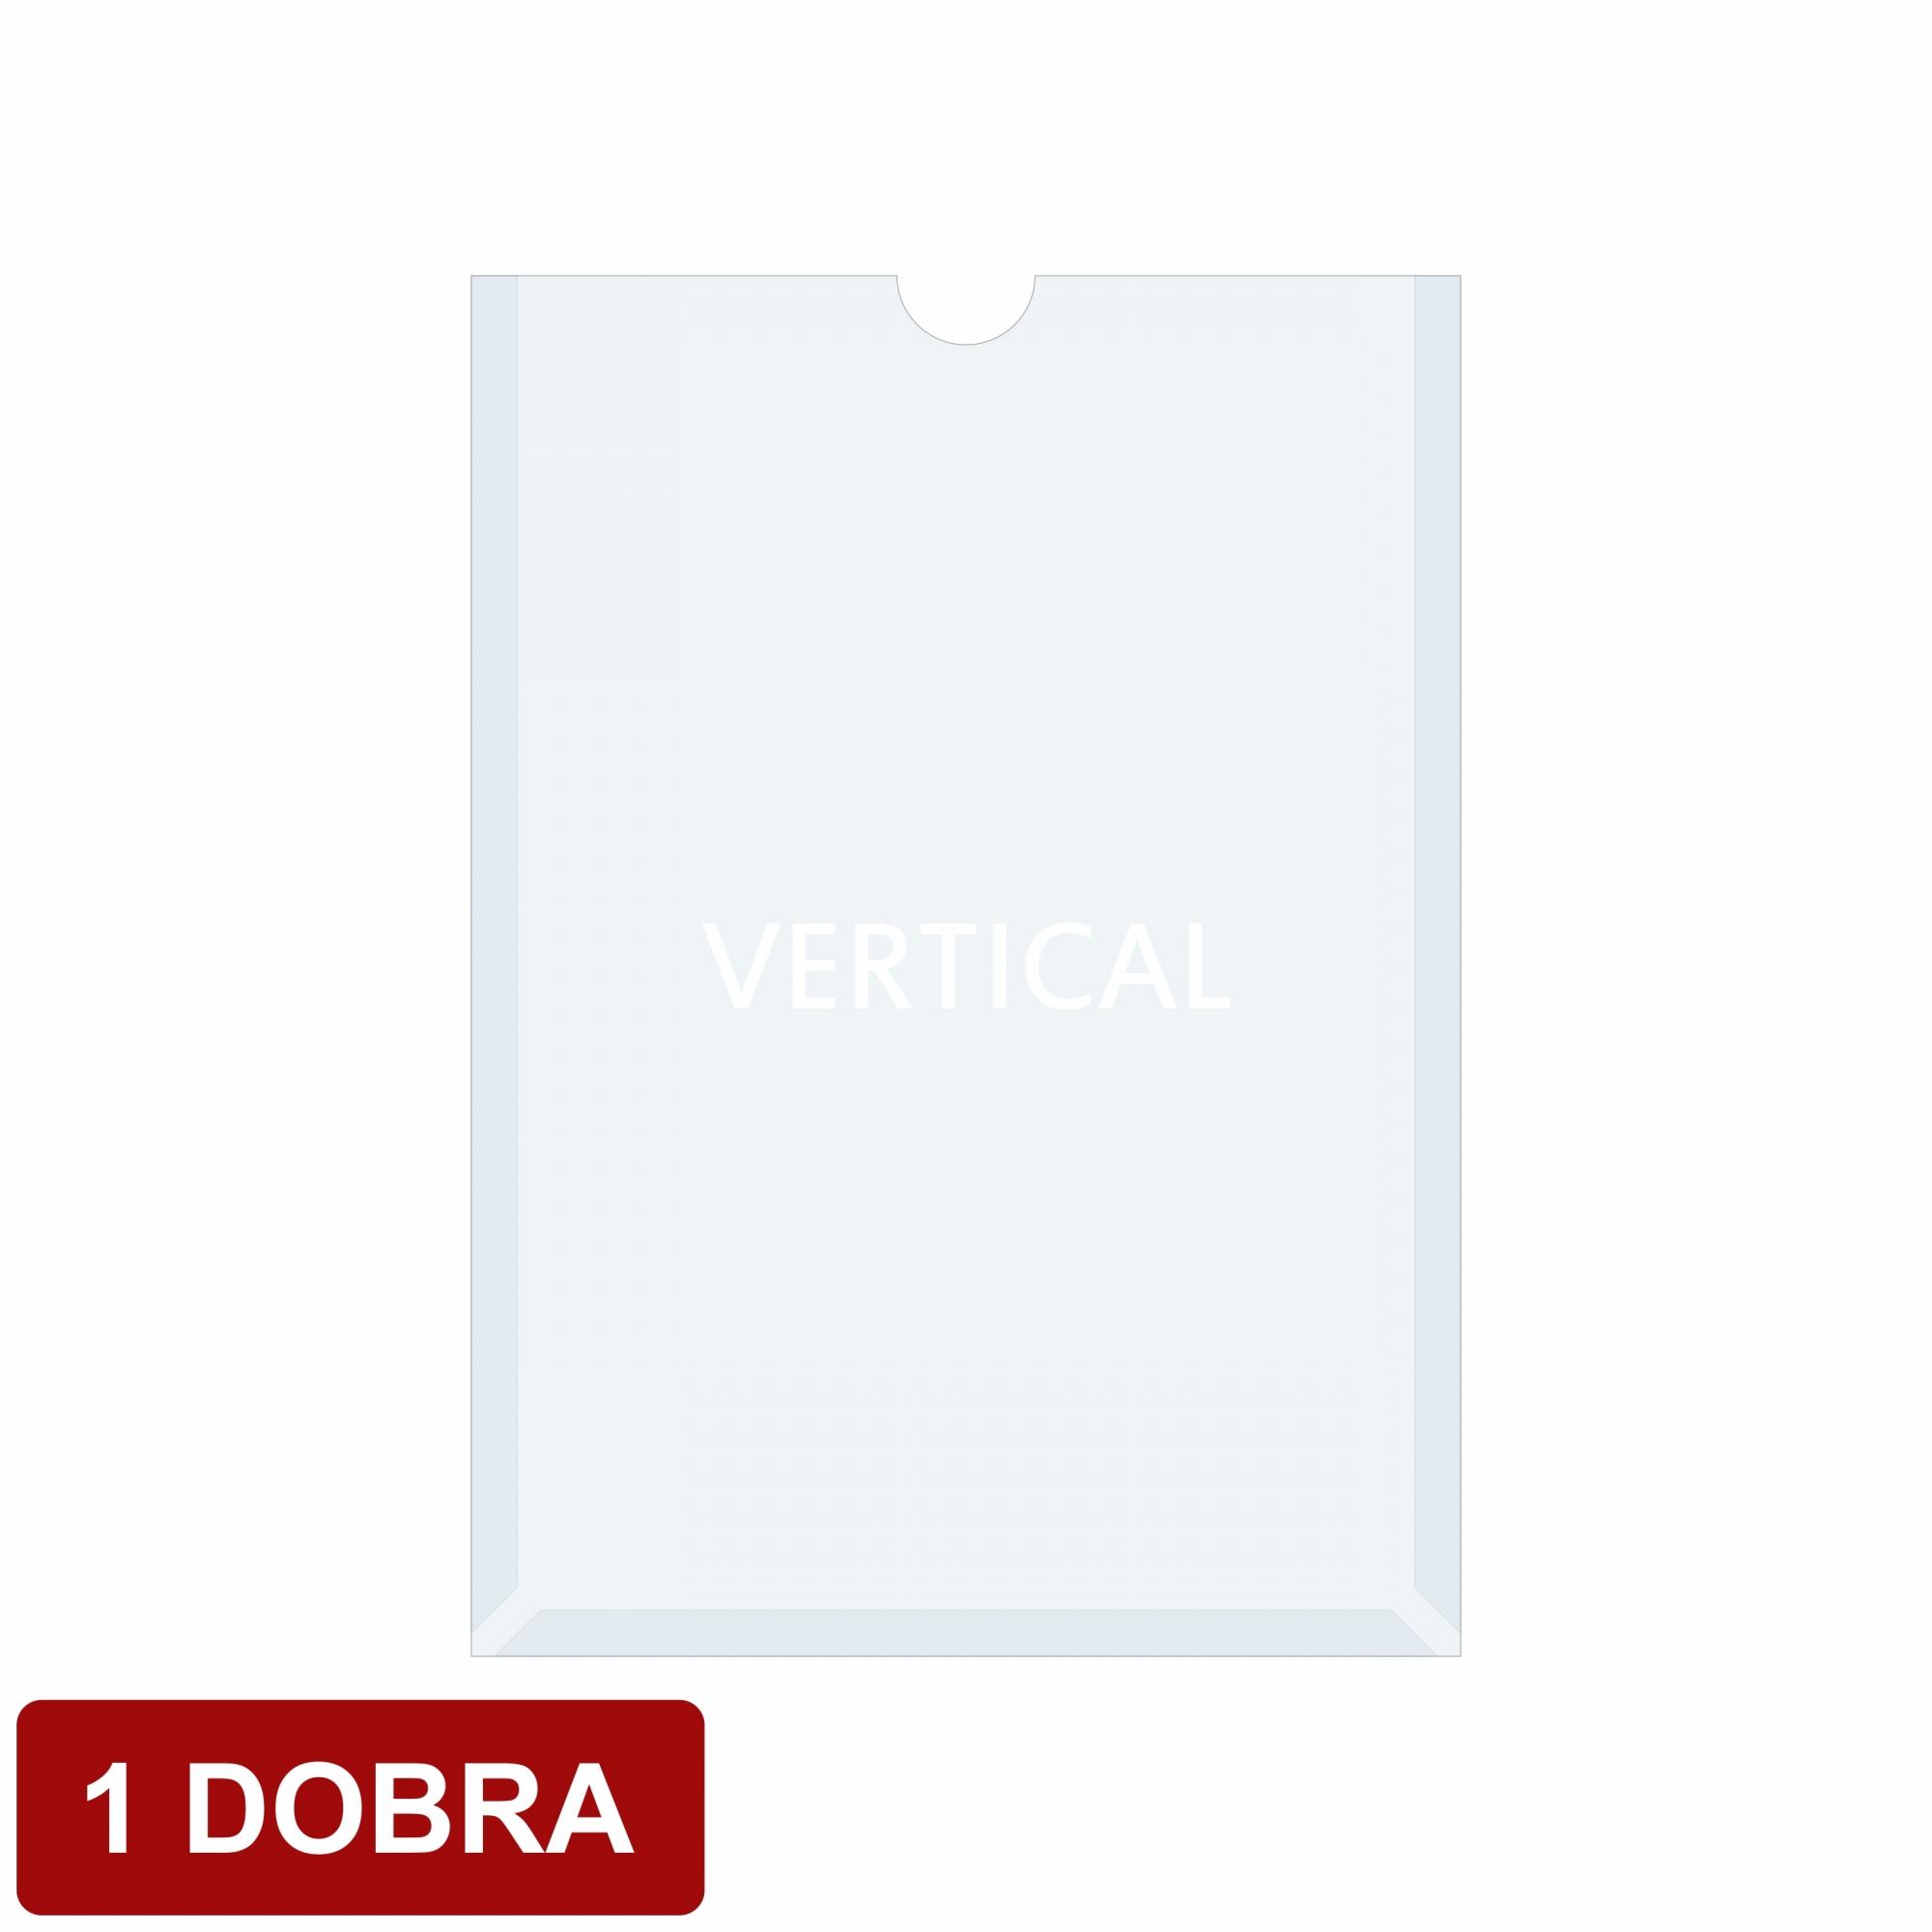 Porta folha A4 acetato 1 dobra  - Towbar Sinalização de Segurança